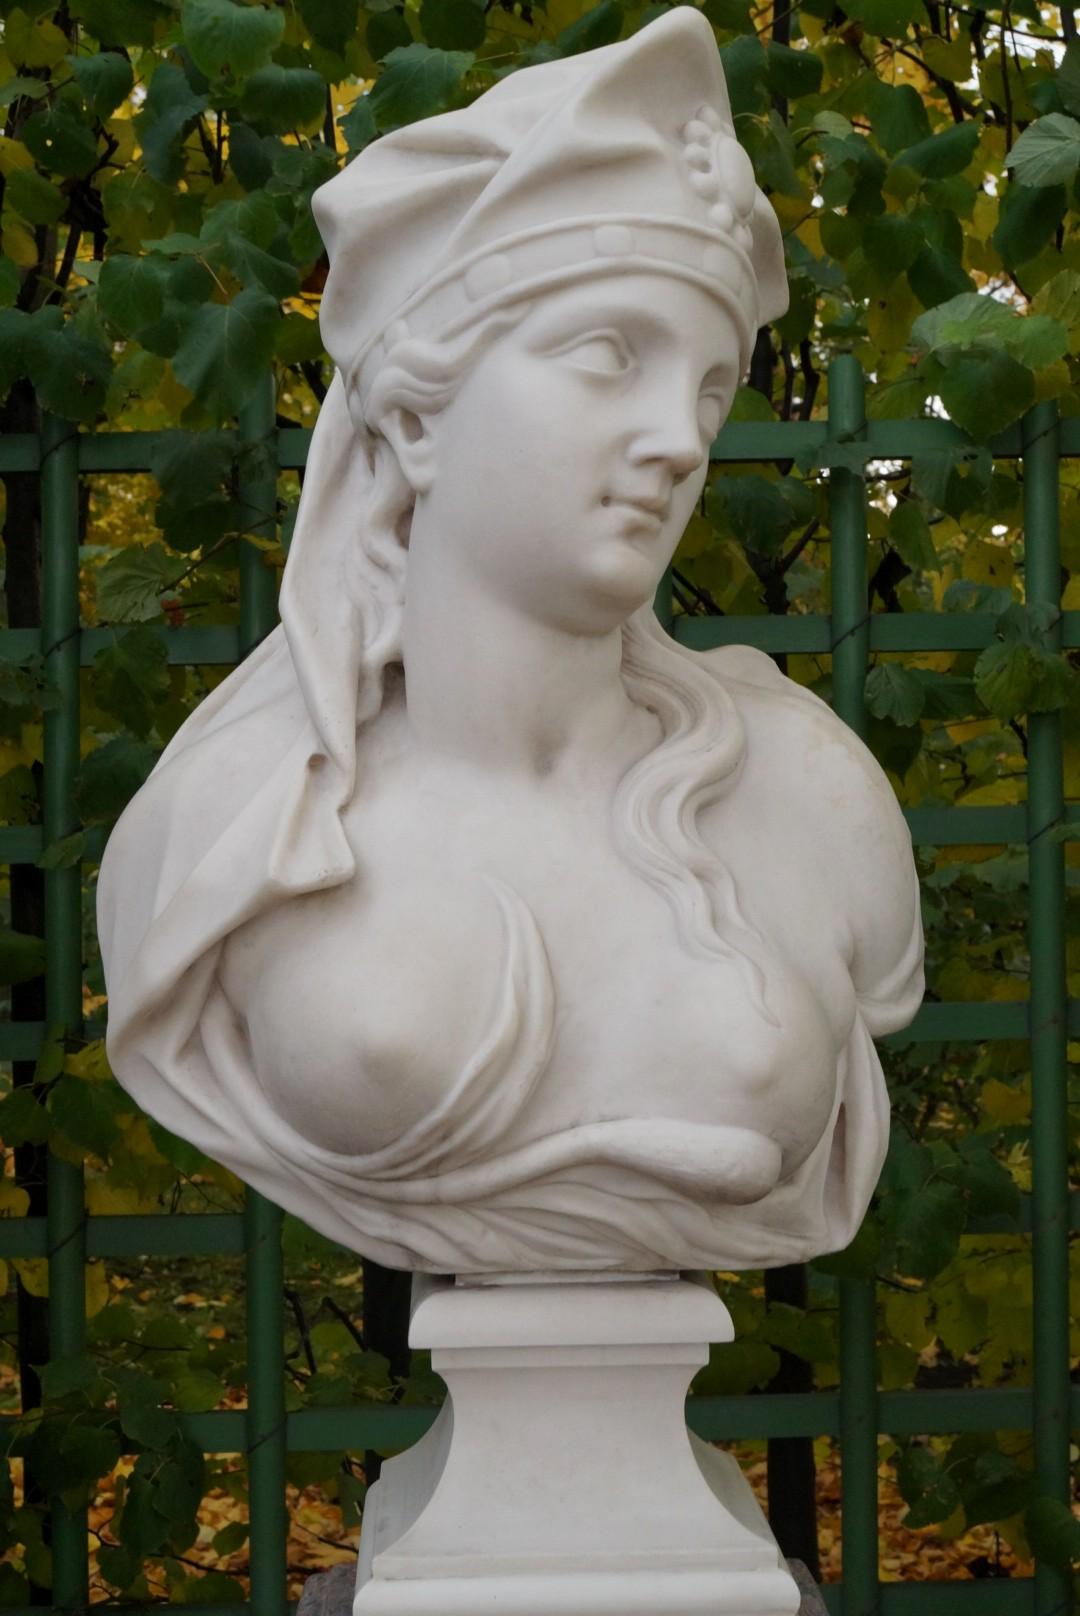 Летний сад. Сивилла Самосская. Начало 18 века. Италия.